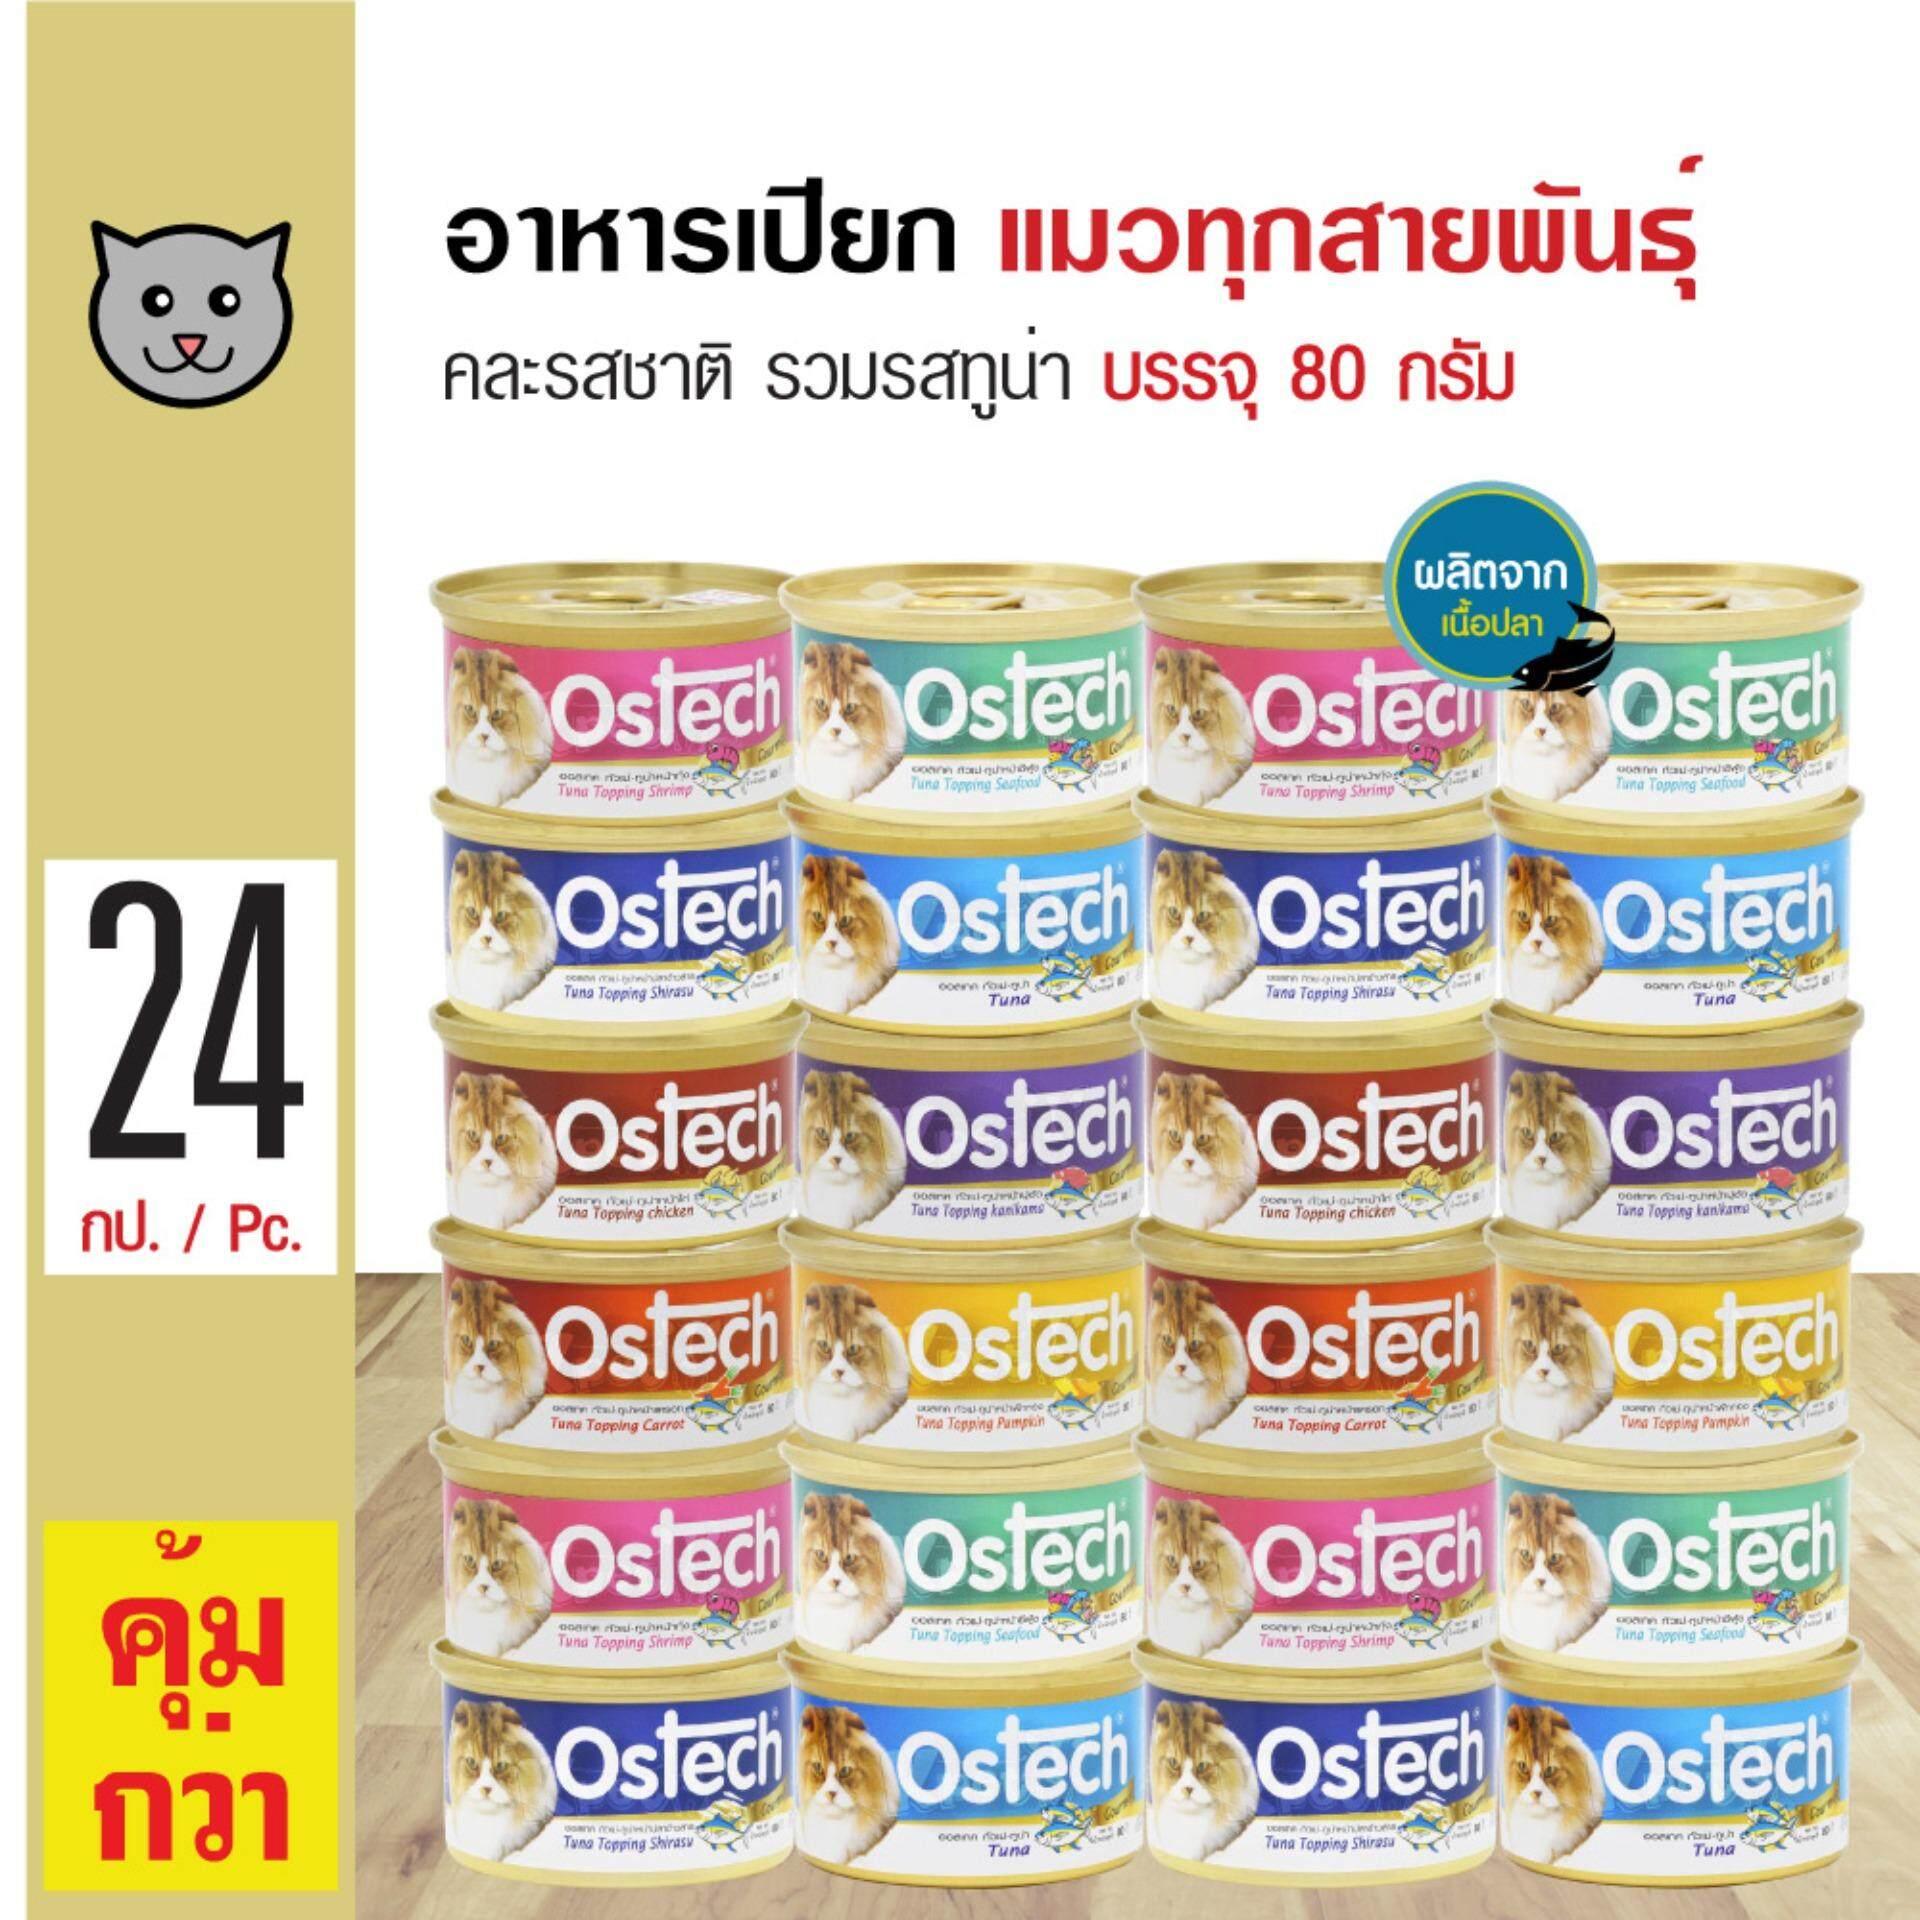 Ostech Gourmet 80 G. อาหารแมว อาหารเปียก คละรสชาติ สำหรับแมว 3 เดือนขึ้นไป (80 กรัม/กระป๋อง) X 24 กระป๋อง By Kpet.